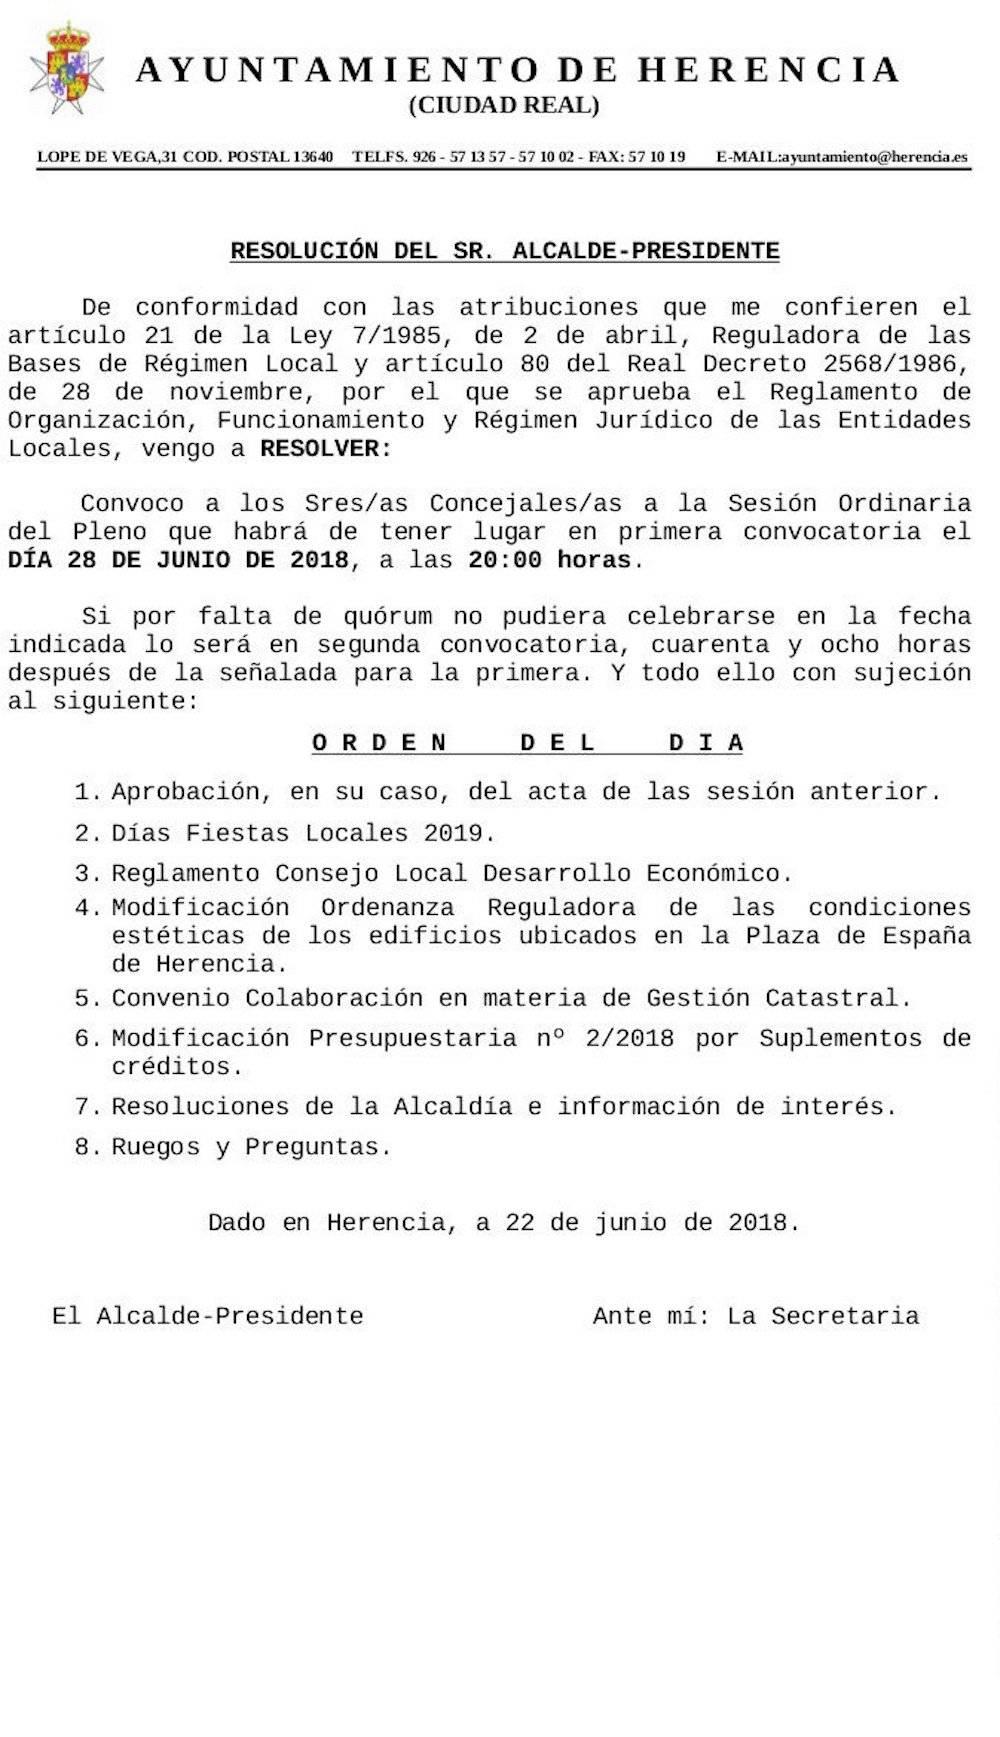 pleno ordinario herencia 28 junio 2018 - Convocado el Pleno Ordinario de Herencia el próximo jueves 28 de junio 2018